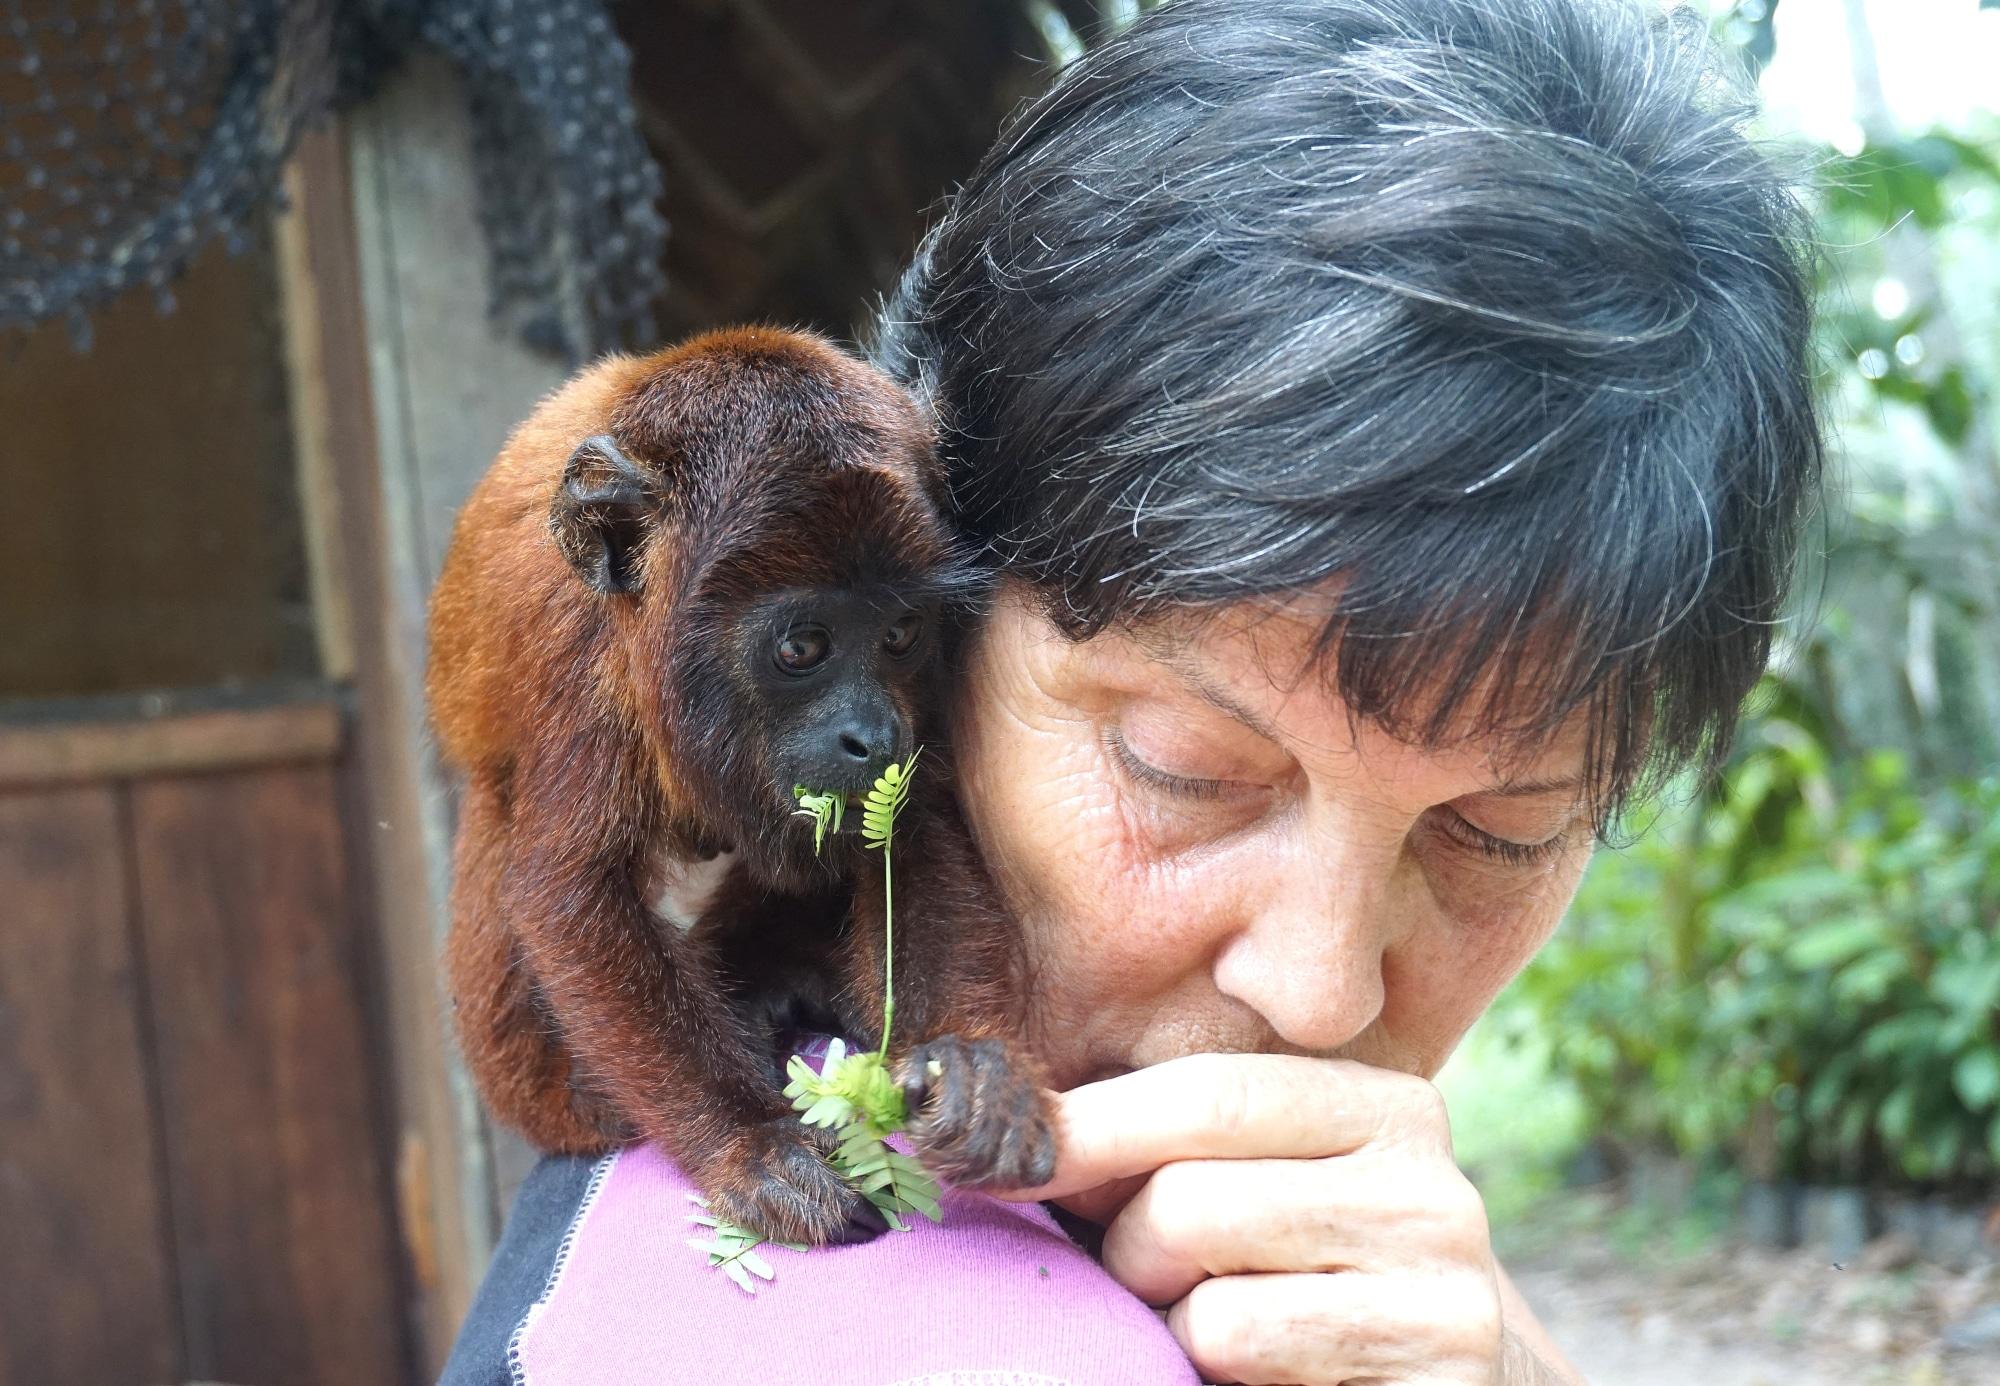 Volunteer with wildlife in Peru